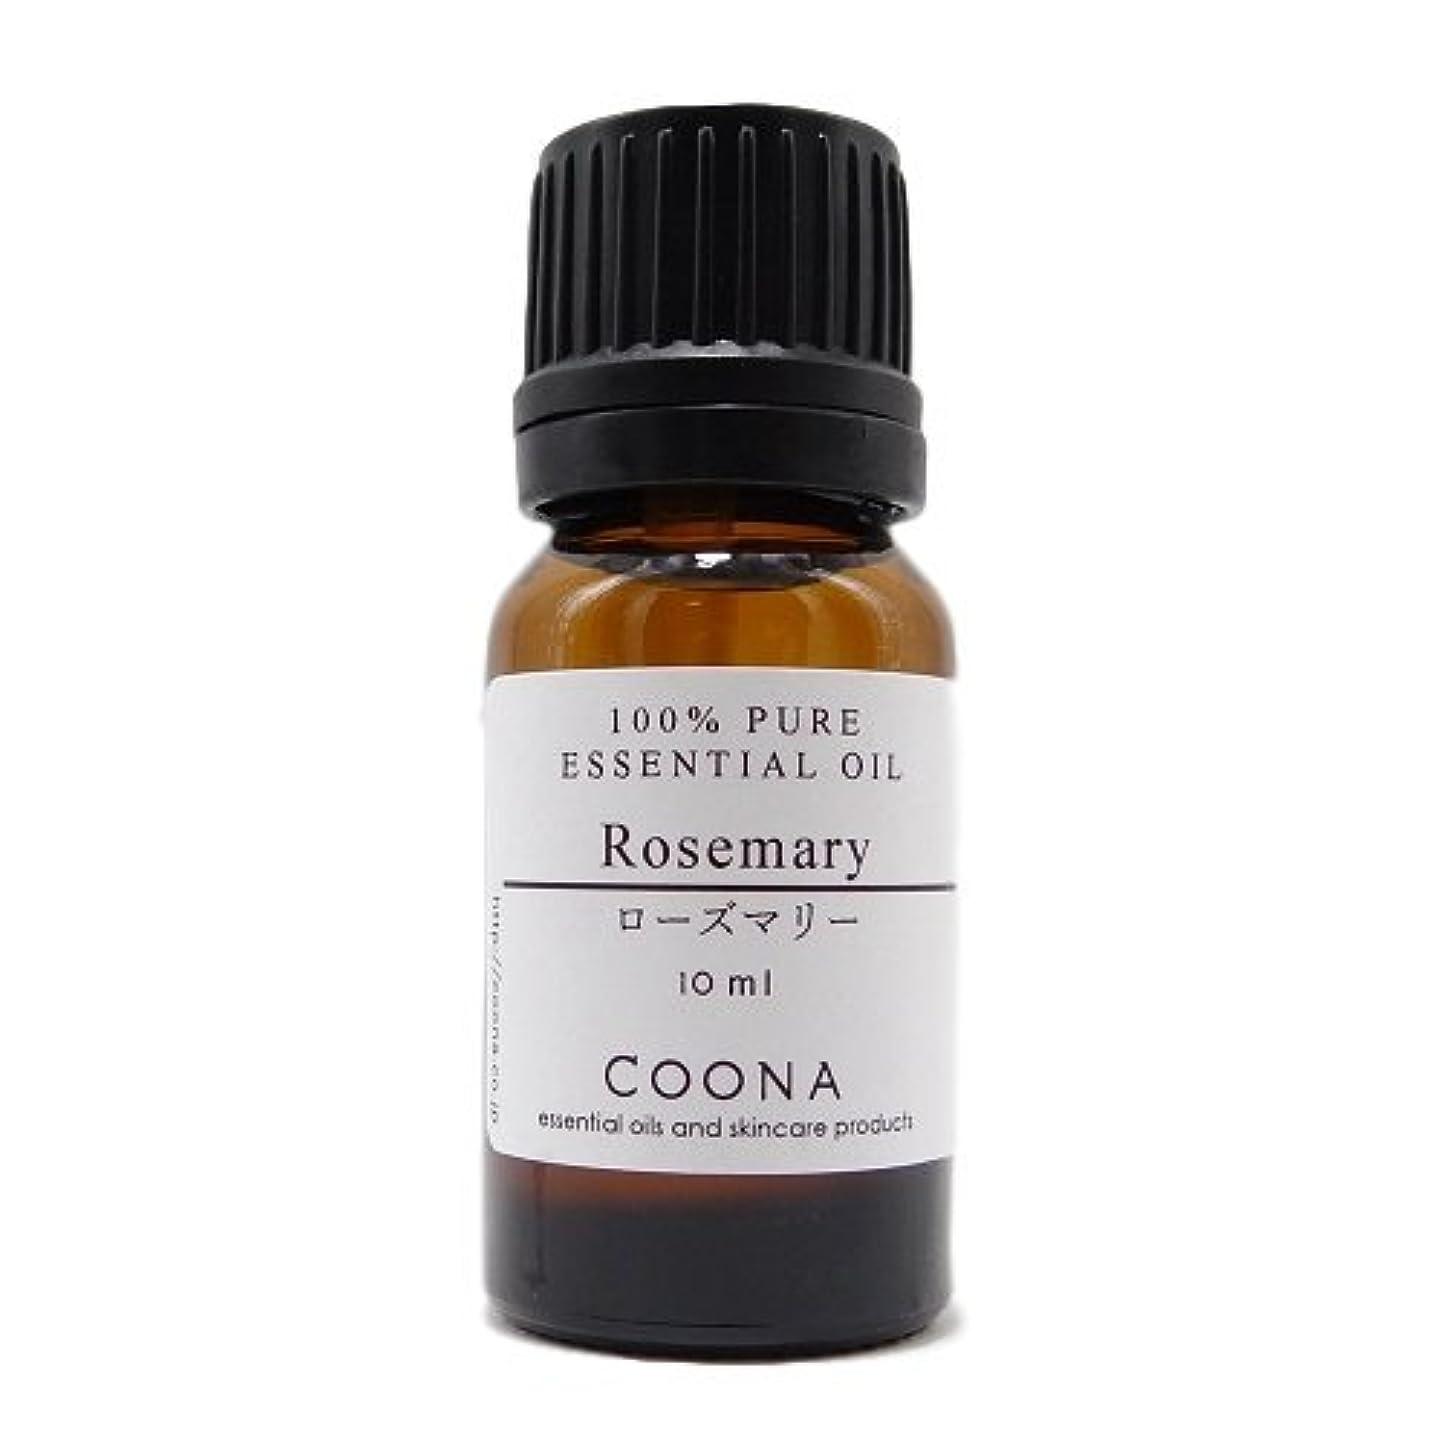 祖母フェミニン夕暮れローズマリー 10ml (COONA エッセンシャルオイル アロマオイル 100%天然植物精油)